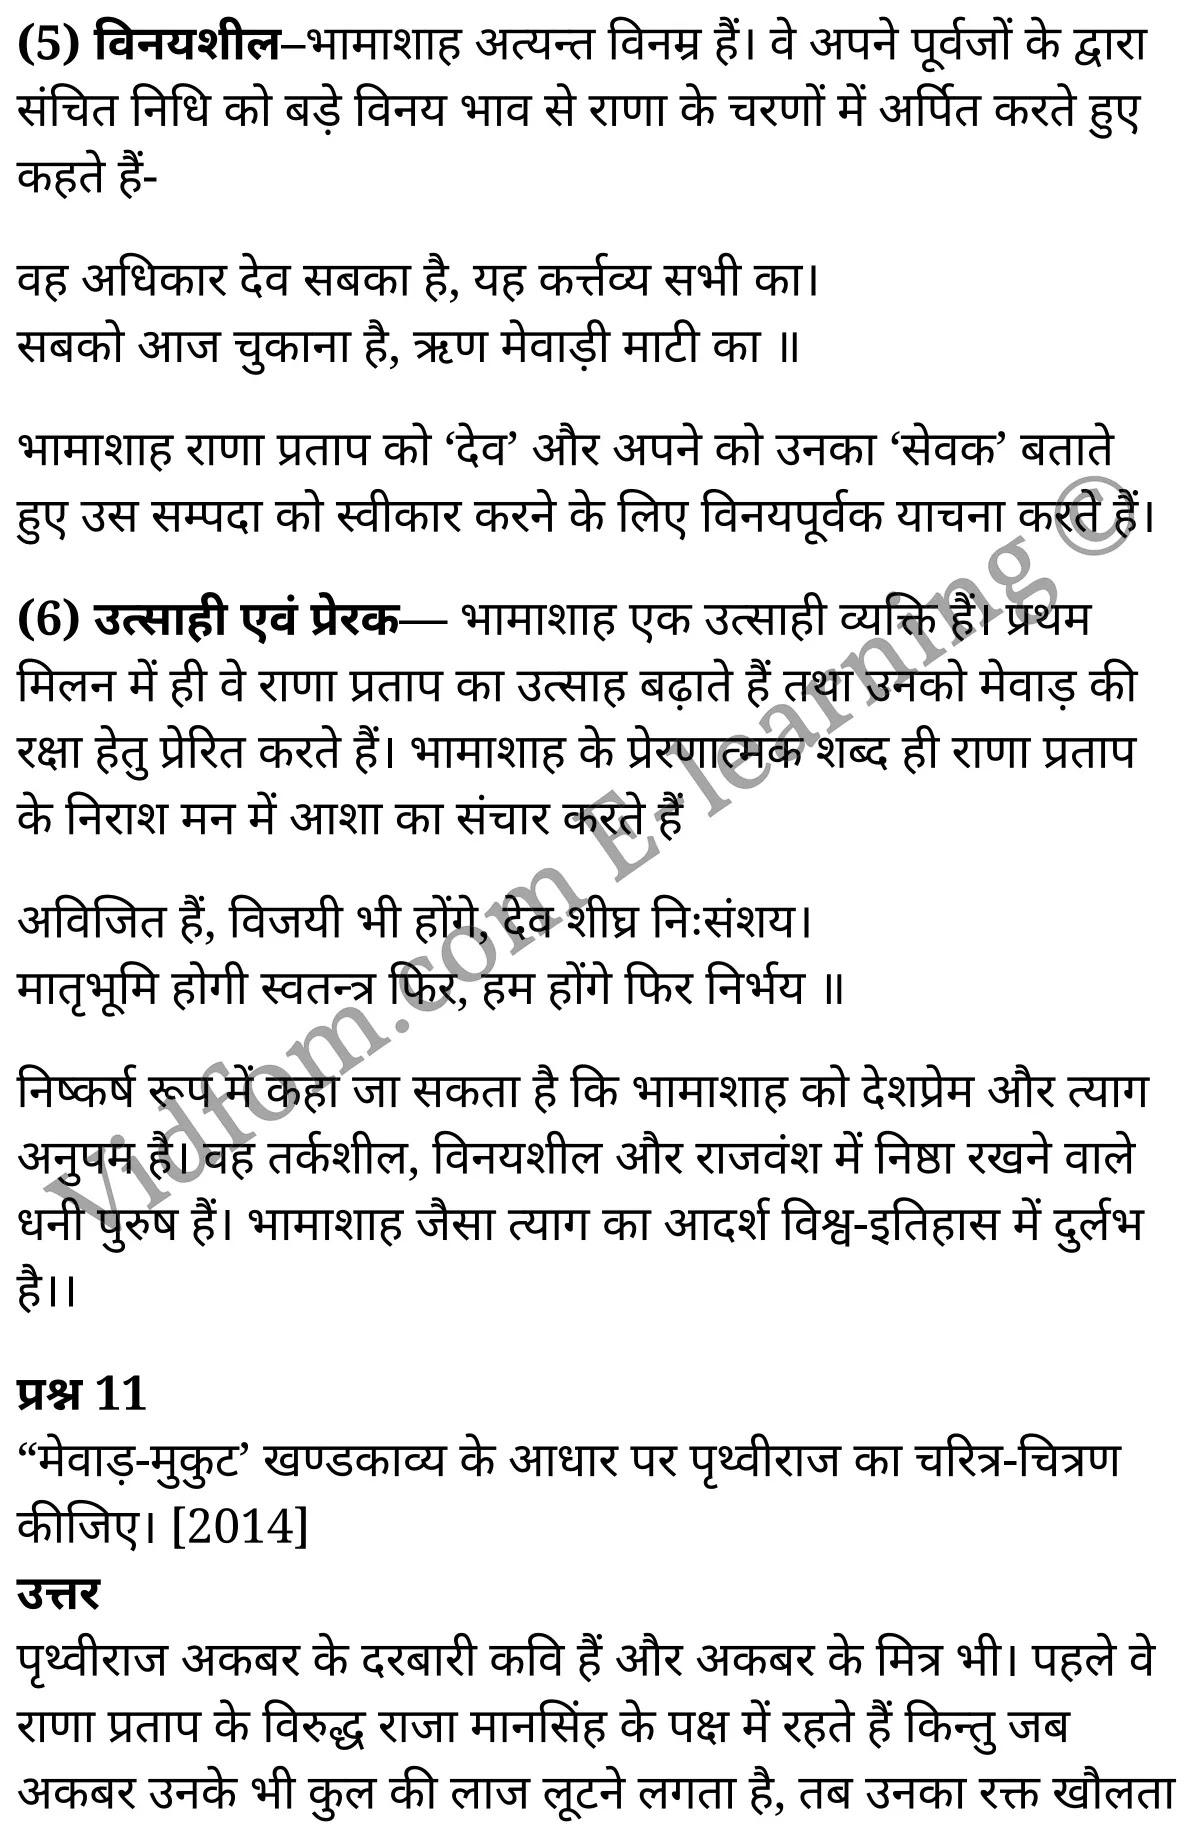 कक्षा 10 हिंदी  के नोट्स  हिंदी में एनसीईआरटी समाधान,     class 10 Hindi khand kaavya Chapter 3,   class 10 Hindi khand kaavya Chapter 3 ncert solutions in Hindi,   class 10 Hindi khand kaavya Chapter 3 notes in hindi,   class 10 Hindi khand kaavya Chapter 3 question answer,   class 10 Hindi khand kaavya Chapter 3 notes,   class 10 Hindi khand kaavya Chapter 3 class 10 Hindi khand kaavya Chapter 3 in  hindi,    class 10 Hindi khand kaavya Chapter 3 important questions in  hindi,   class 10 Hindi khand kaavya Chapter 3 notes in hindi,    class 10 Hindi khand kaavya Chapter 3 test,   class 10 Hindi khand kaavya Chapter 3 pdf,   class 10 Hindi khand kaavya Chapter 3 notes pdf,   class 10 Hindi khand kaavya Chapter 3 exercise solutions,   class 10 Hindi khand kaavya Chapter 3 notes study rankers,   class 10 Hindi khand kaavya Chapter 3 notes,    class 10 Hindi khand kaavya Chapter 3  class 10  notes pdf,   class 10 Hindi khand kaavya Chapter 3 class 10  notes  ncert,   class 10 Hindi khand kaavya Chapter 3 class 10 pdf,   class 10 Hindi khand kaavya Chapter 3  book,   class 10 Hindi khand kaavya Chapter 3 quiz class 10  ,   कक्षा 10 मेवाड़-मुकुट,  कक्षा 10 मेवाड़-मुकुट  के नोट्स हिंदी में,  कक्षा 10 मेवाड़-मुकुट प्रश्न उत्तर,  कक्षा 10 मेवाड़-मुकुट के नोट्स,  10 कक्षा मेवाड़-मुकुट  हिंदी में, कक्षा 10 मेवाड़-मुकुट  हिंदी में,  कक्षा 10 मेवाड़-मुकुट  महत्वपूर्ण प्रश्न हिंदी में, कक्षा 10 हिंदी के नोट्स  हिंदी में, मेवाड़-मुकुट हिंदी में कक्षा 10 नोट्स pdf,    मेवाड़-मुकुट हिंदी में  कक्षा 10 नोट्स 2021 ncert,   मेवाड़-मुकुट हिंदी  कक्षा 10 pdf,   मेवाड़-मुकुट हिंदी में  पुस्तक,   मेवाड़-मुकुट हिंदी में की बुक,   मेवाड़-मुकुट हिंदी में  प्रश्नोत्तरी class 10 ,  10   वीं मेवाड़-मुकुट  पुस्तक up board,   बिहार बोर्ड 10  पुस्तक वीं मेवाड़-मुकुट नोट्स,    मेवाड़-मुकुट  कक्षा 10 नोट्स 2021 ncert,   मेवाड़-मुकुट  कक्षा 10 pdf,   मेवाड़-मुकुट  पुस्तक,   मेवाड़-मुकुट की बुक,   मेवाड़-मुकुट प्रश्नोत्तरी class 10,   10  th class 10 Hindi khand kaavya Chapter 3  book up board,   up 